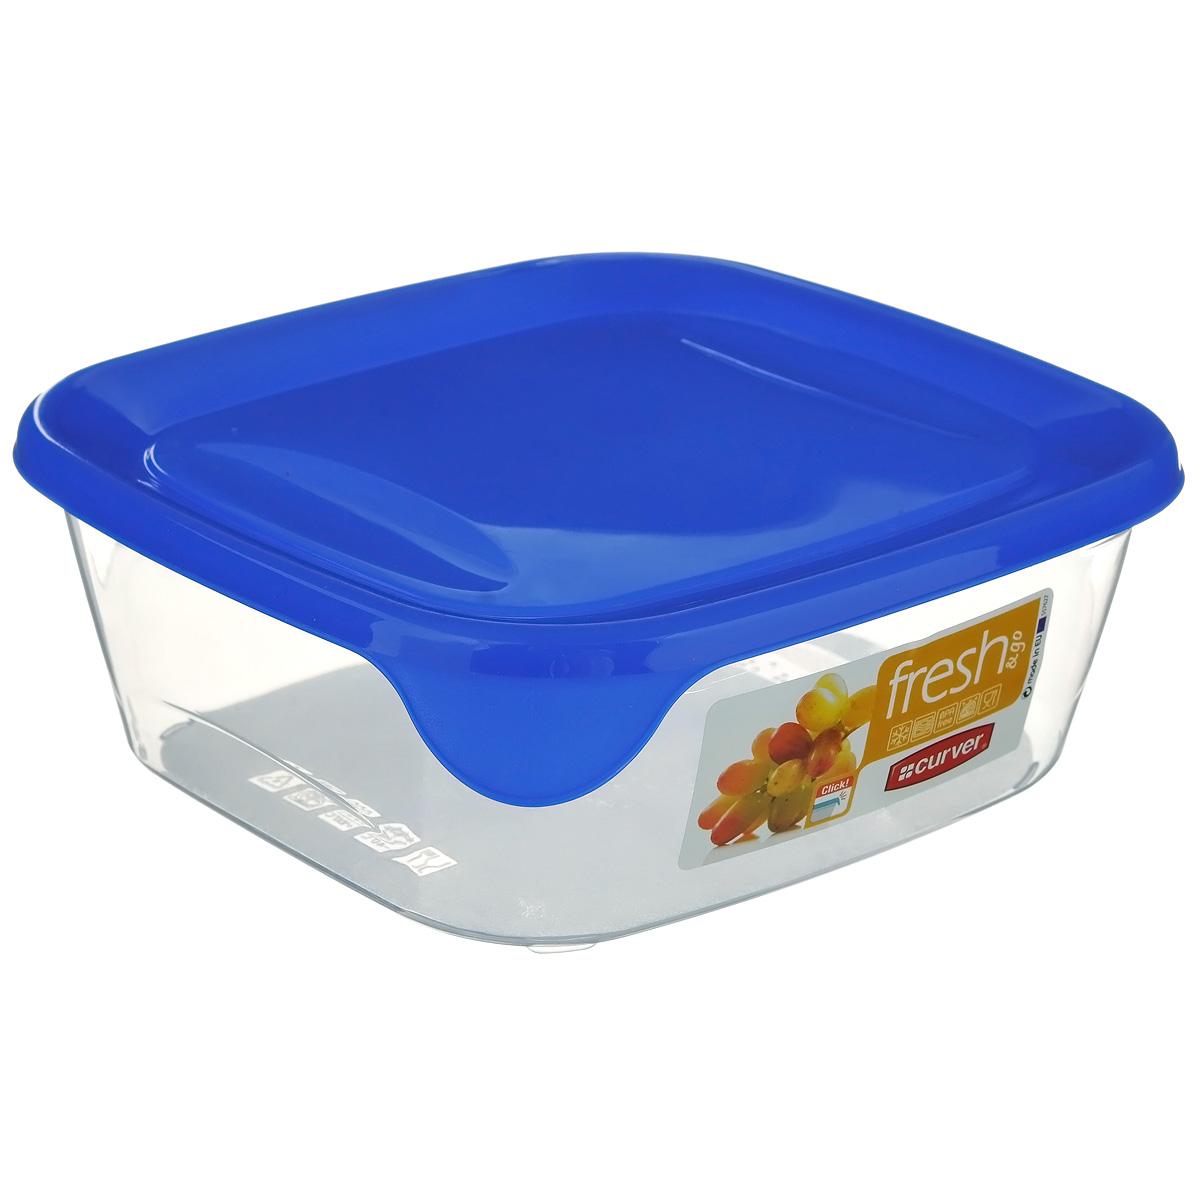 Емкость для заморозки и СВЧ Curver Fresh & Go, цвет: синий, 0,8 л00559-139-01Квадратная емкость для заморозки и СВЧ Curver изготовлена из высококачественного пищевого пластика (BPA free), который выдерживает температуру от -40°С до +100°С. Стенки емкости прозрачные, а крышка цветная. Она плотно закрывается, дольше сохраняя продукты свежими и вкусными. Емкость удобно брать с собой на работу, учебу, пикник или просто использовать для хранения пищи в холодильнике. Можно использовать в микроволновой печи и для заморозки в морозильной камере. Можно мыть в посудомоечной машине.